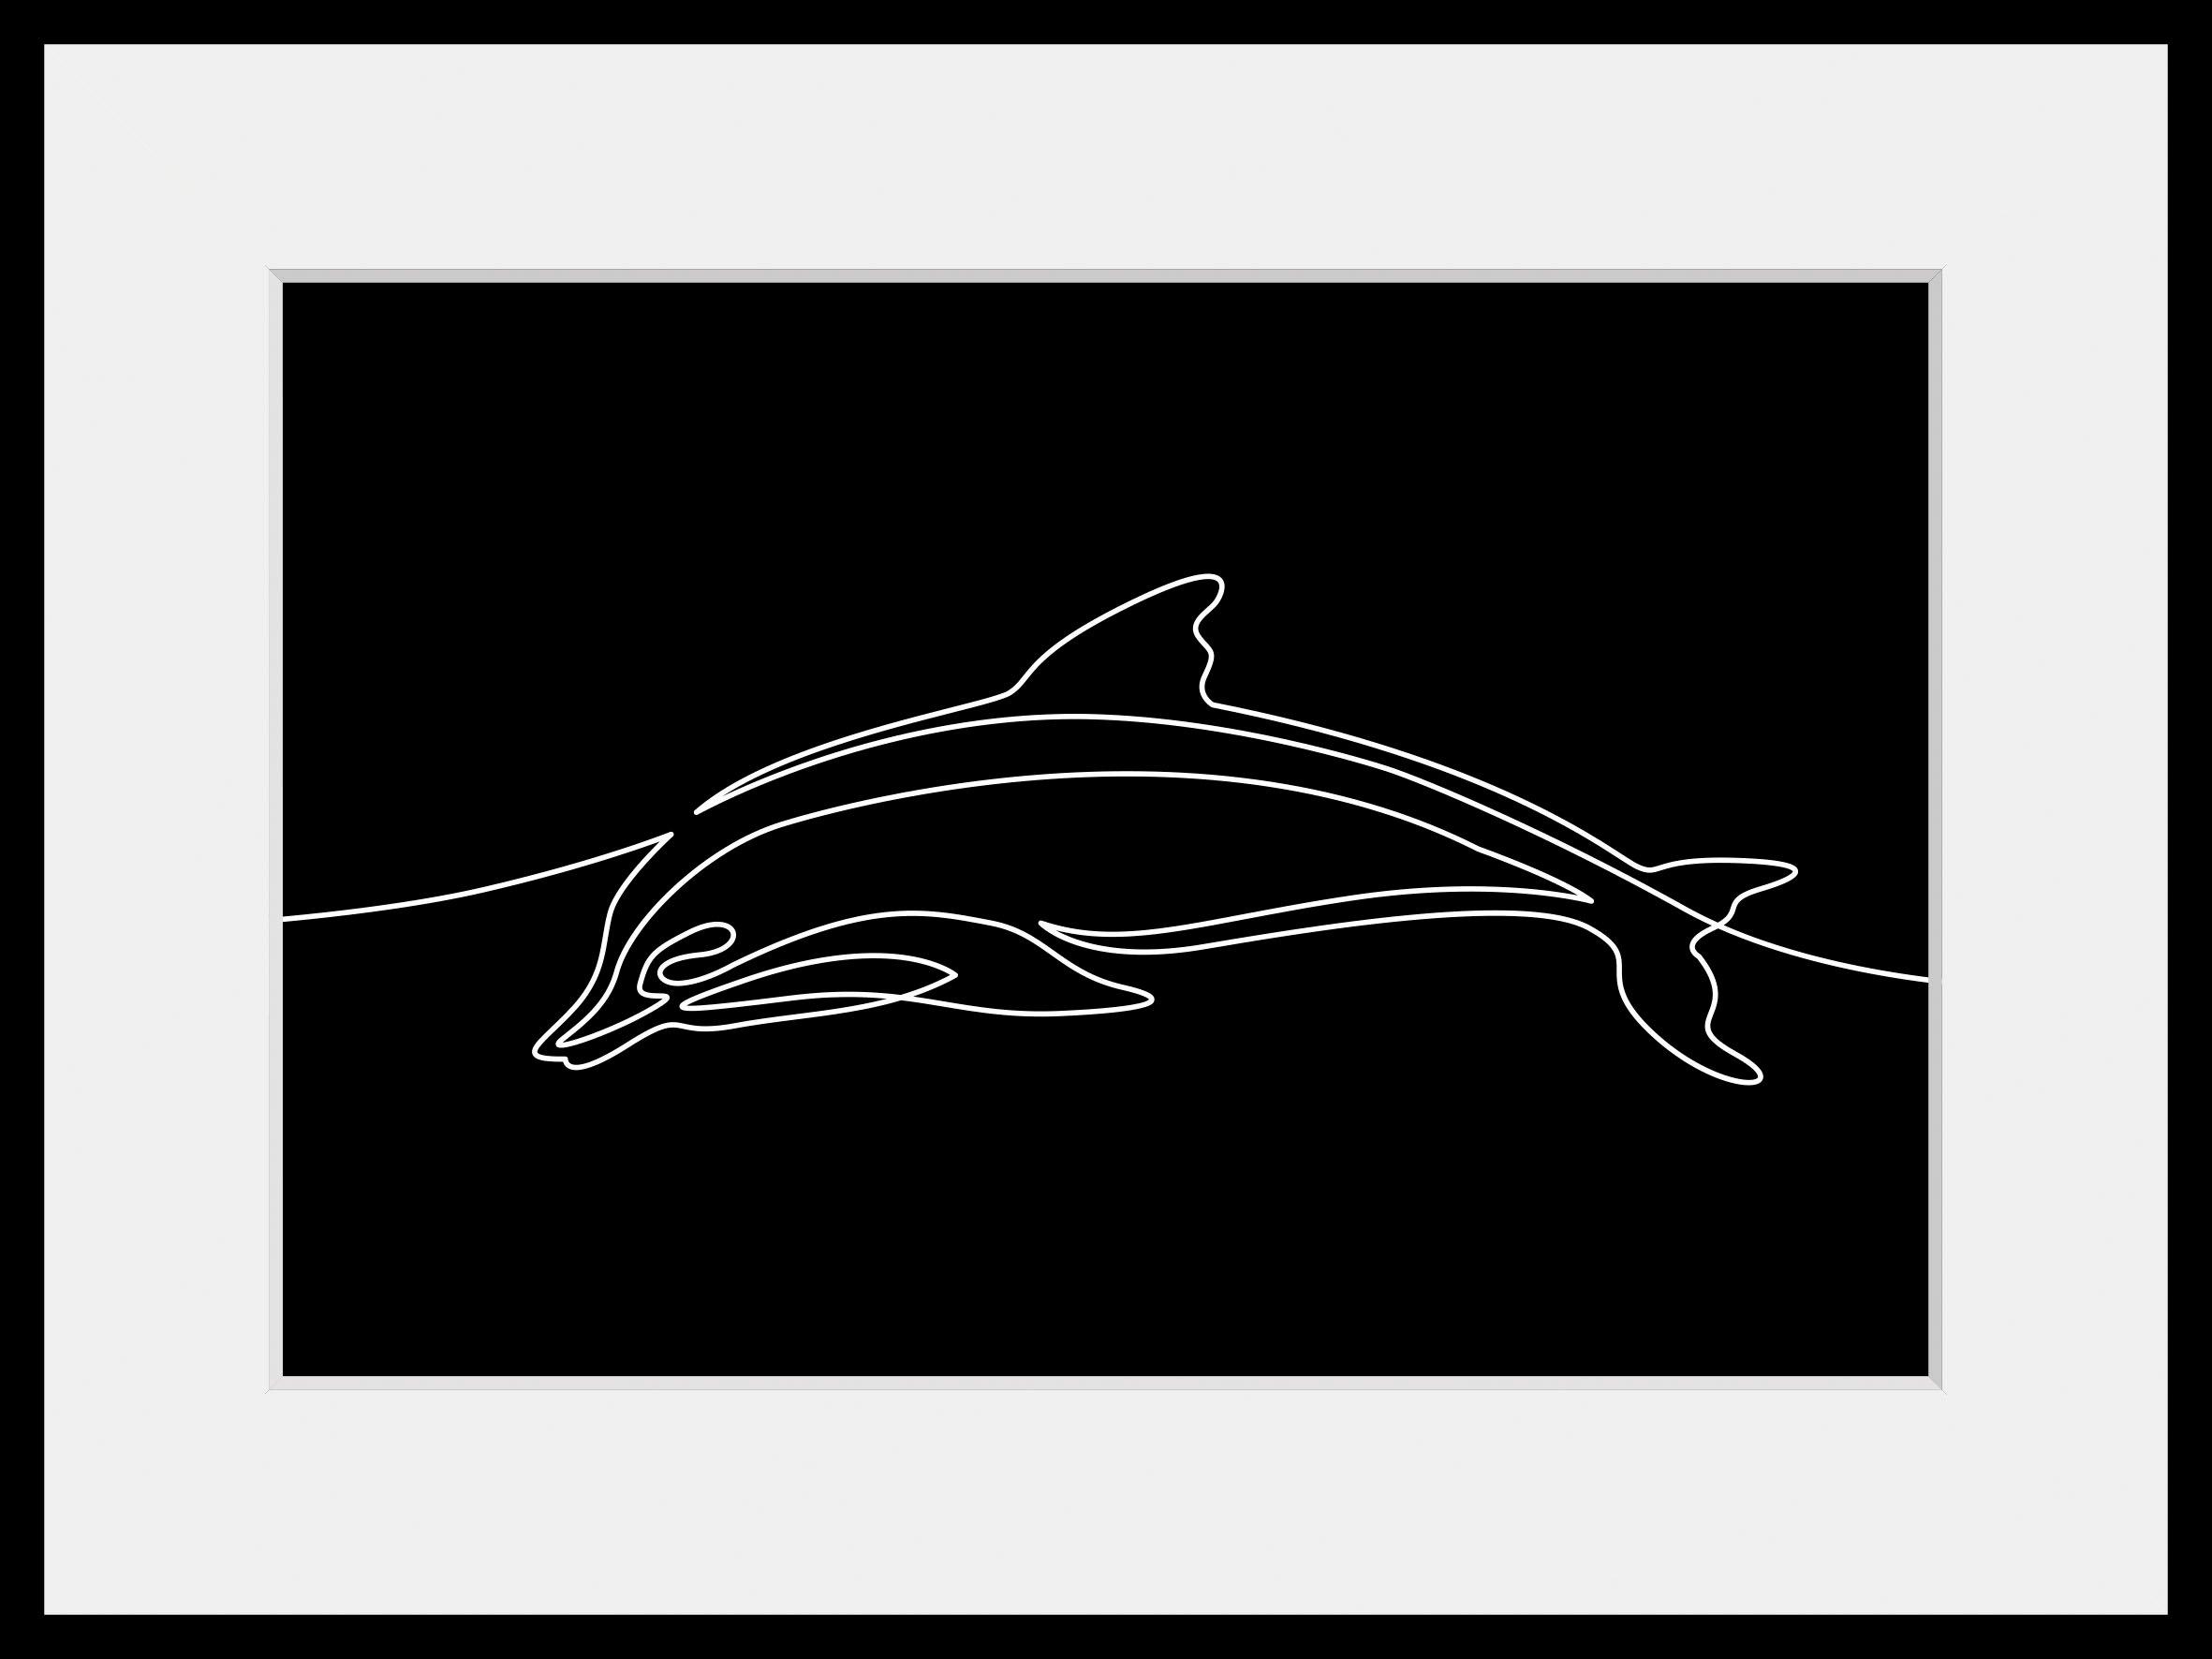 queence wanddecoratie Flipper (1 stuk) nu online bestellen